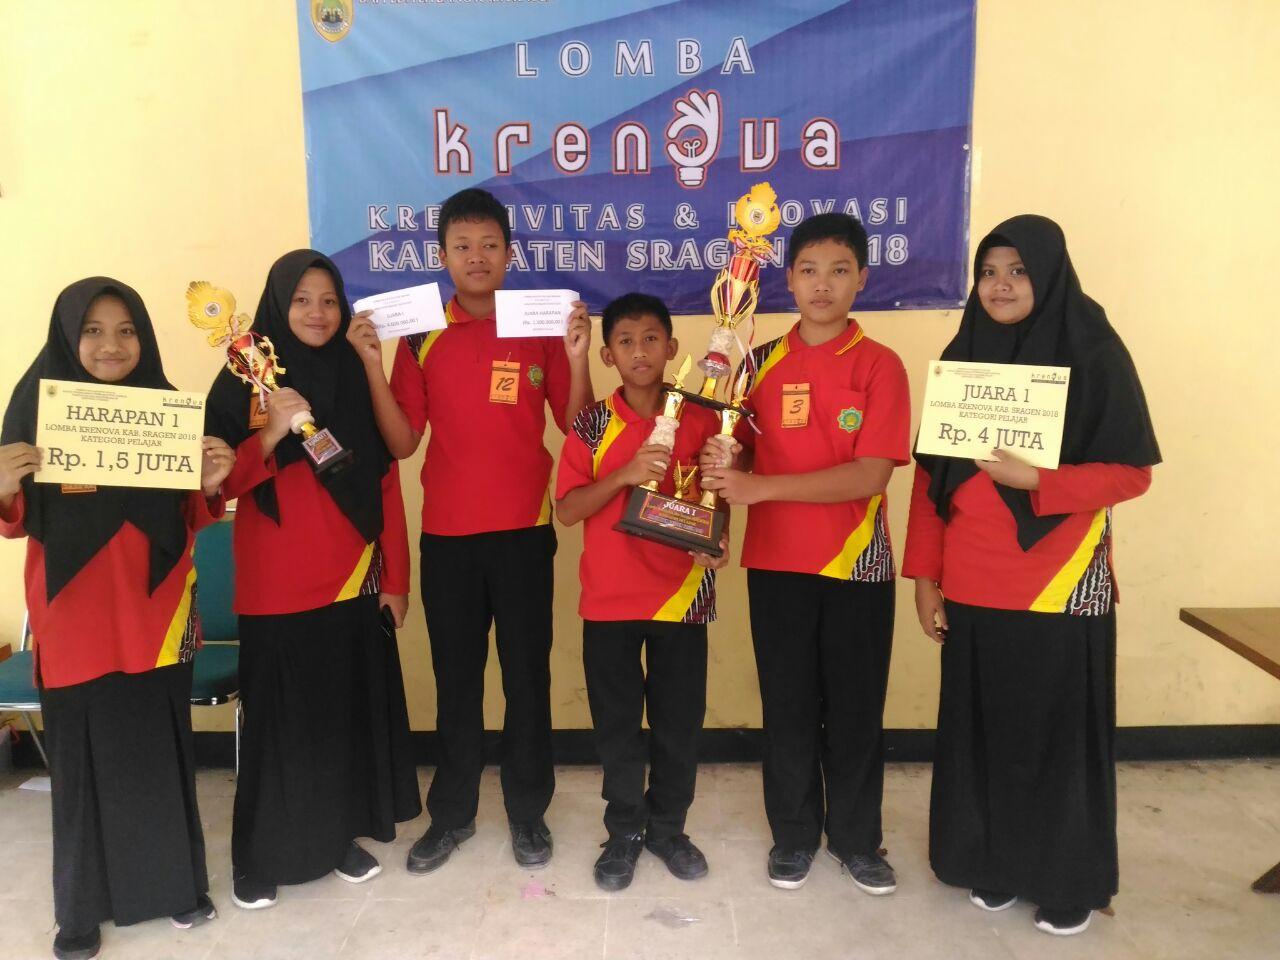 Juara 1 dan 4 pada lomba Kreatifitas dan Inovasi Kabupaten Sragen